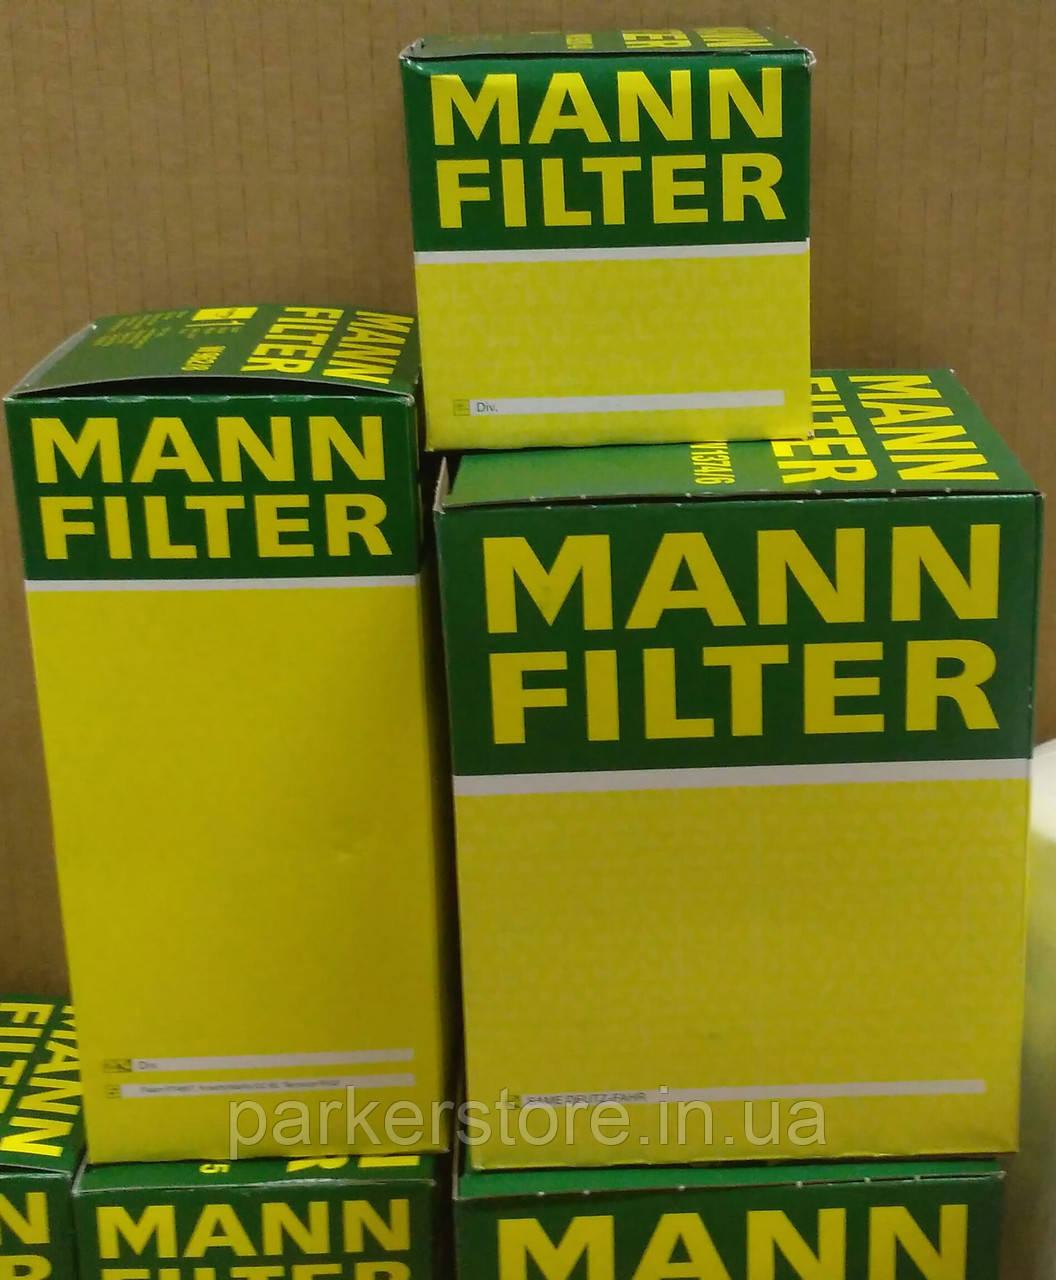 MANN FILTER / Повітряний фільтр / C 16 400/2 / C16400/2